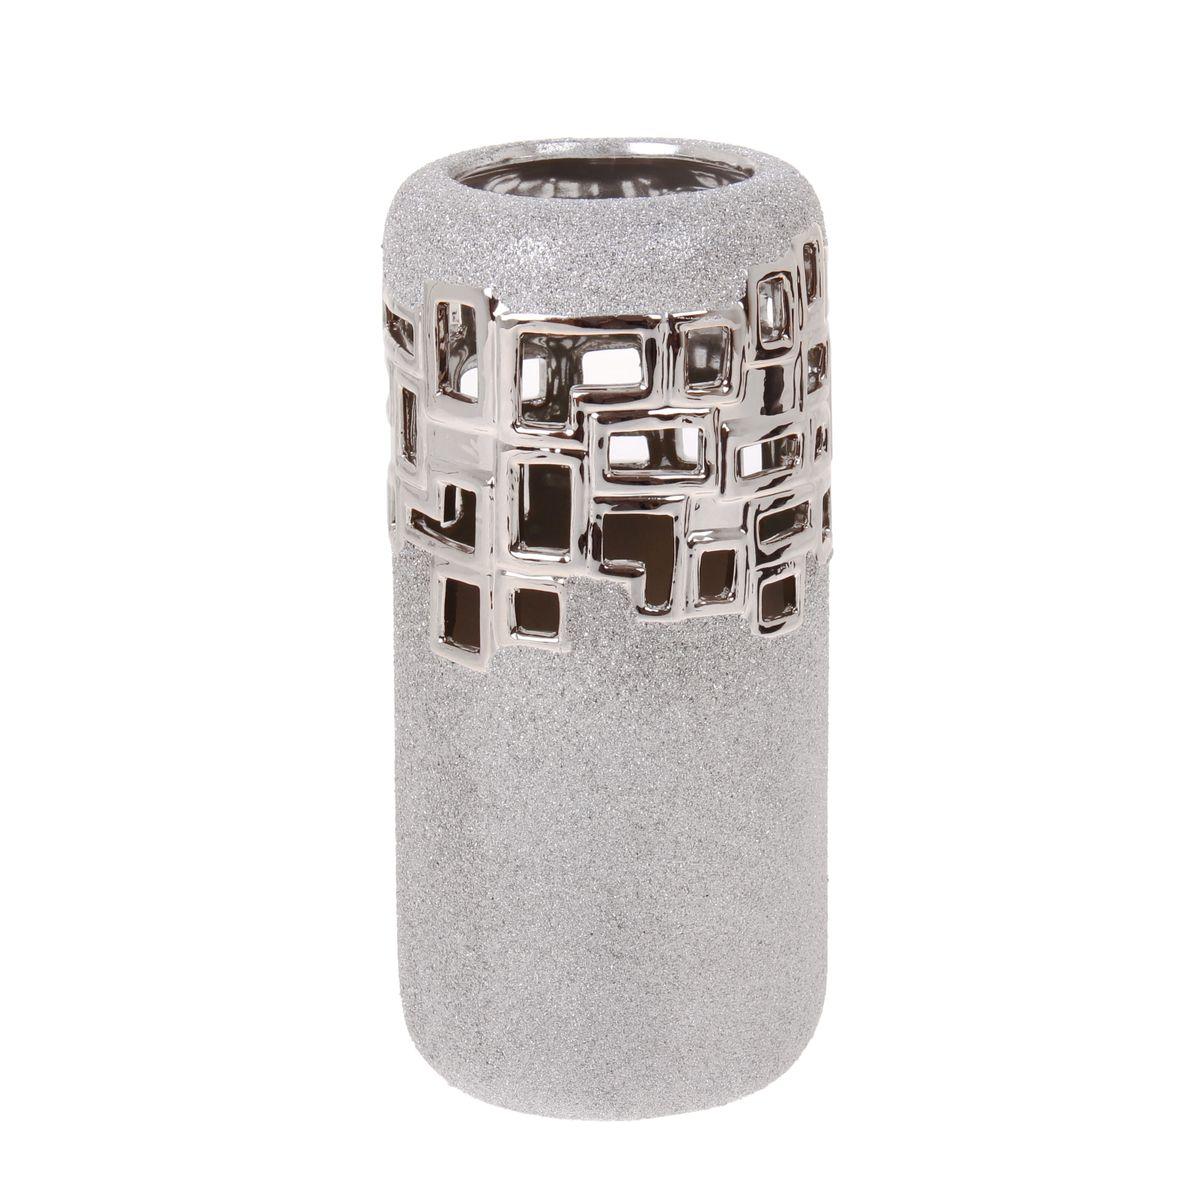 Ваза Sima-land Квадраты, высота 27 см865951Элегантная ваза Sima-land Квадраты, изготовленная из высококачественной керамики, декорирована блестками. Интересная форма и необычное оформление сделают эту вазу замечательным украшением интерьера. Она предназначена как для живых, так и для искусственных цветов. Основание оснащено противоскользящими накладками. Любое помещение выглядит незавершенным без правильно расположенных предметов интерьера. Они помогают создать уют, расставить акценты, подчеркнуть достоинства или скрыть недостатки.